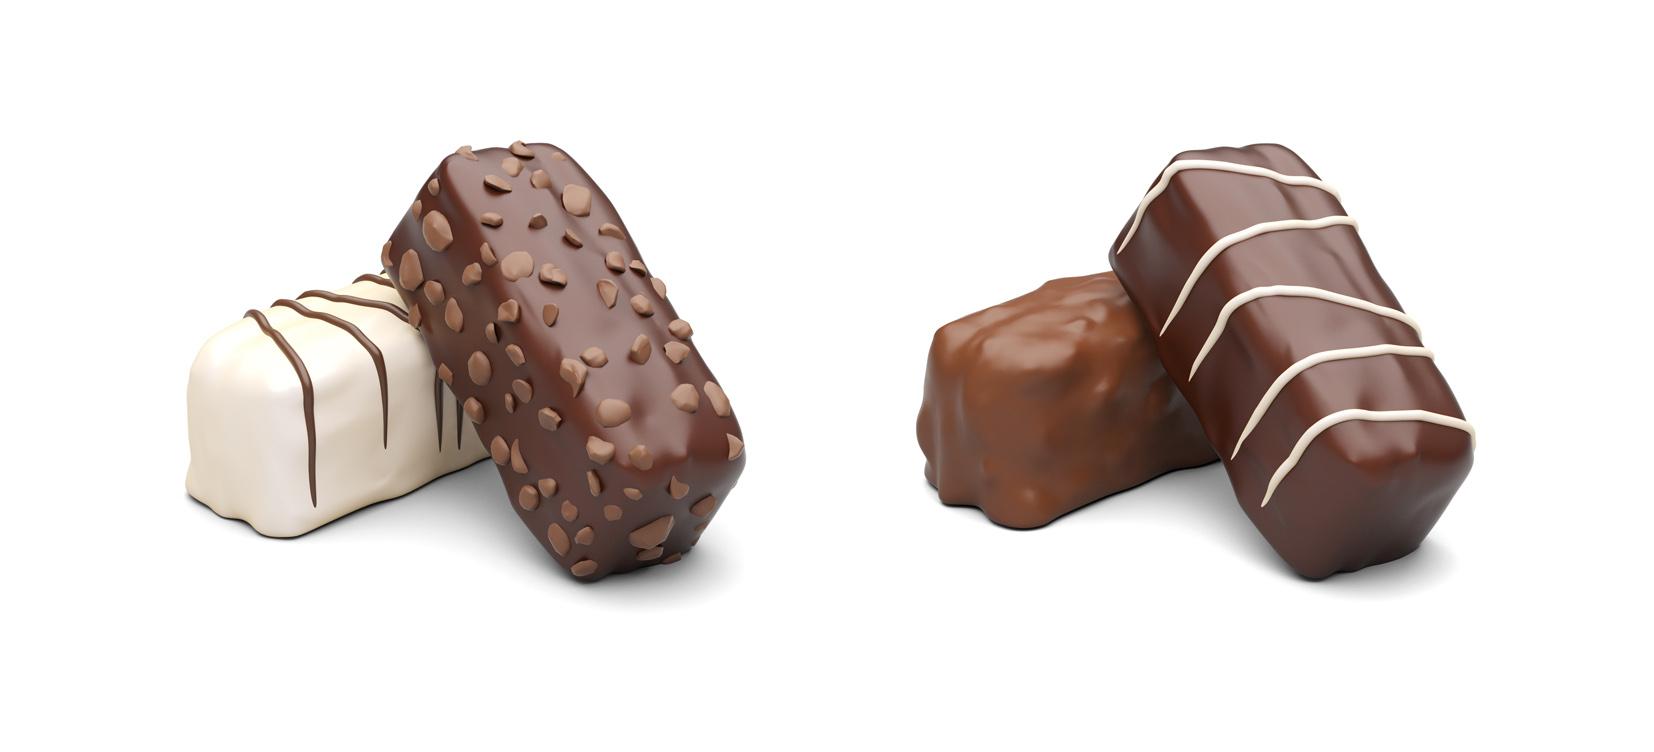 Chocolate Renders